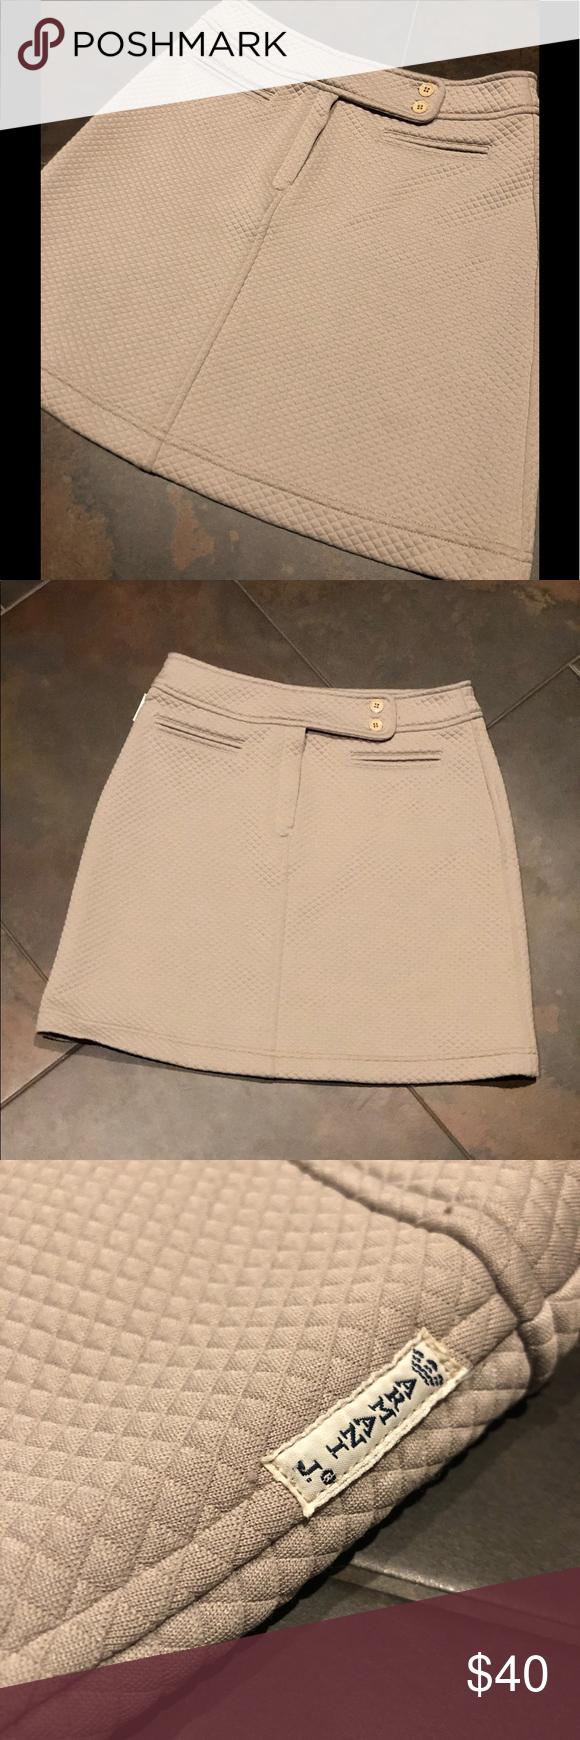 2de93abda Armani Jeans Simon T Skirt Size 8 Authentic Armani Jeans Skirt by Simon T.  Light